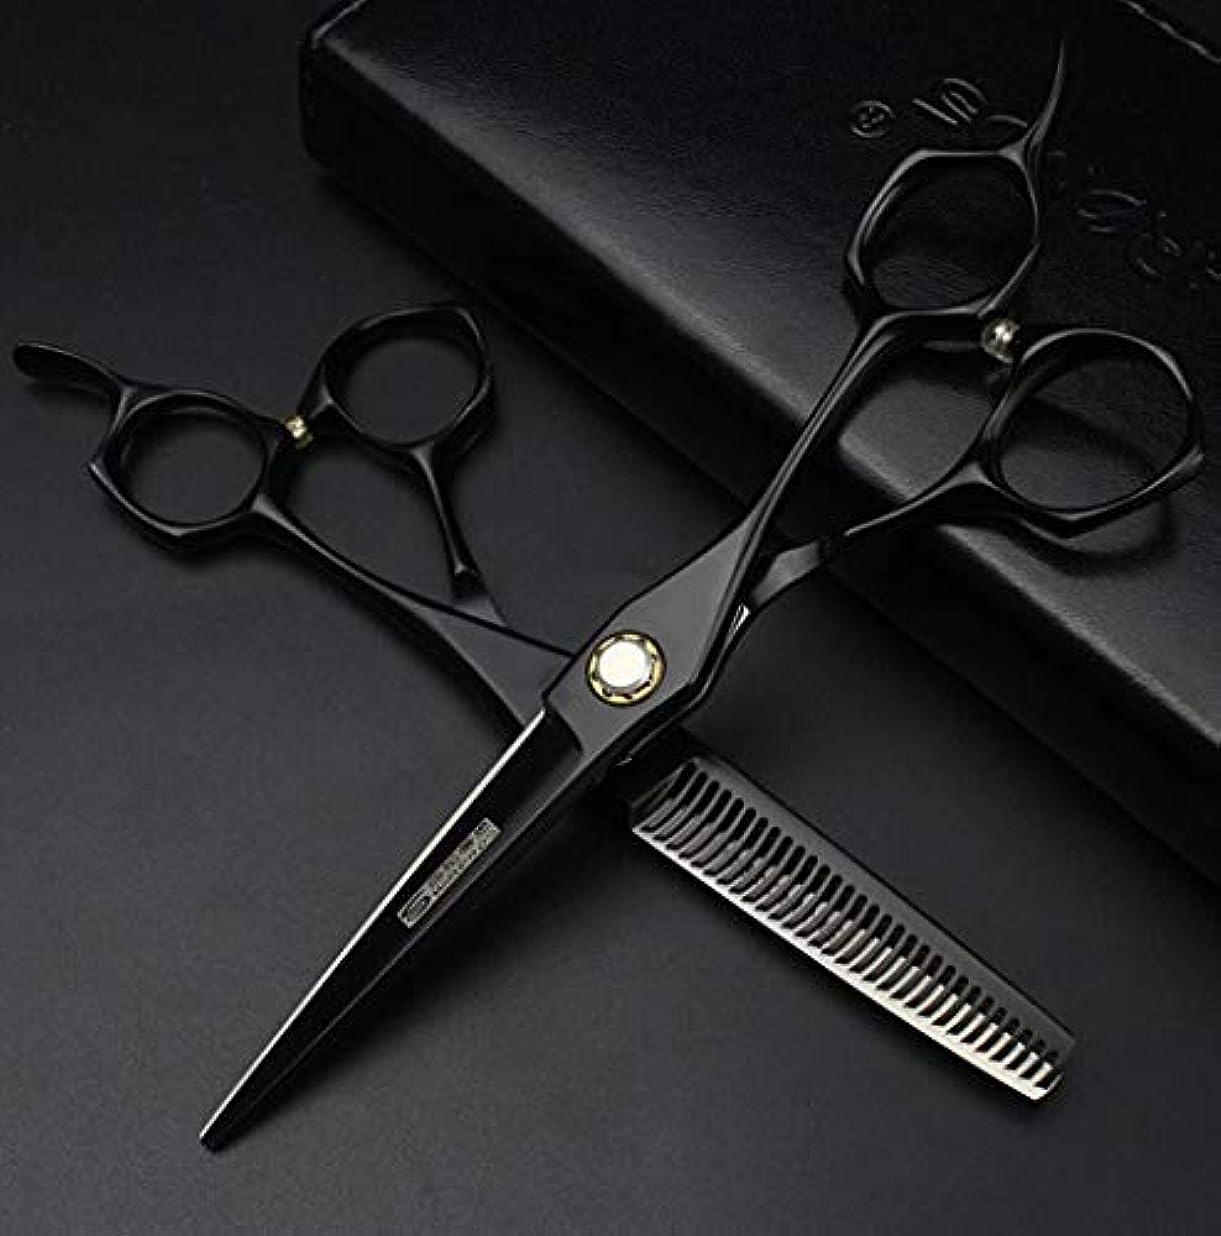 洗練モッキンバード金属6.0インチプロフェッショナル理髪はさみサロン美容院ヘアトリムとカット間伐440c高硬度はさみ